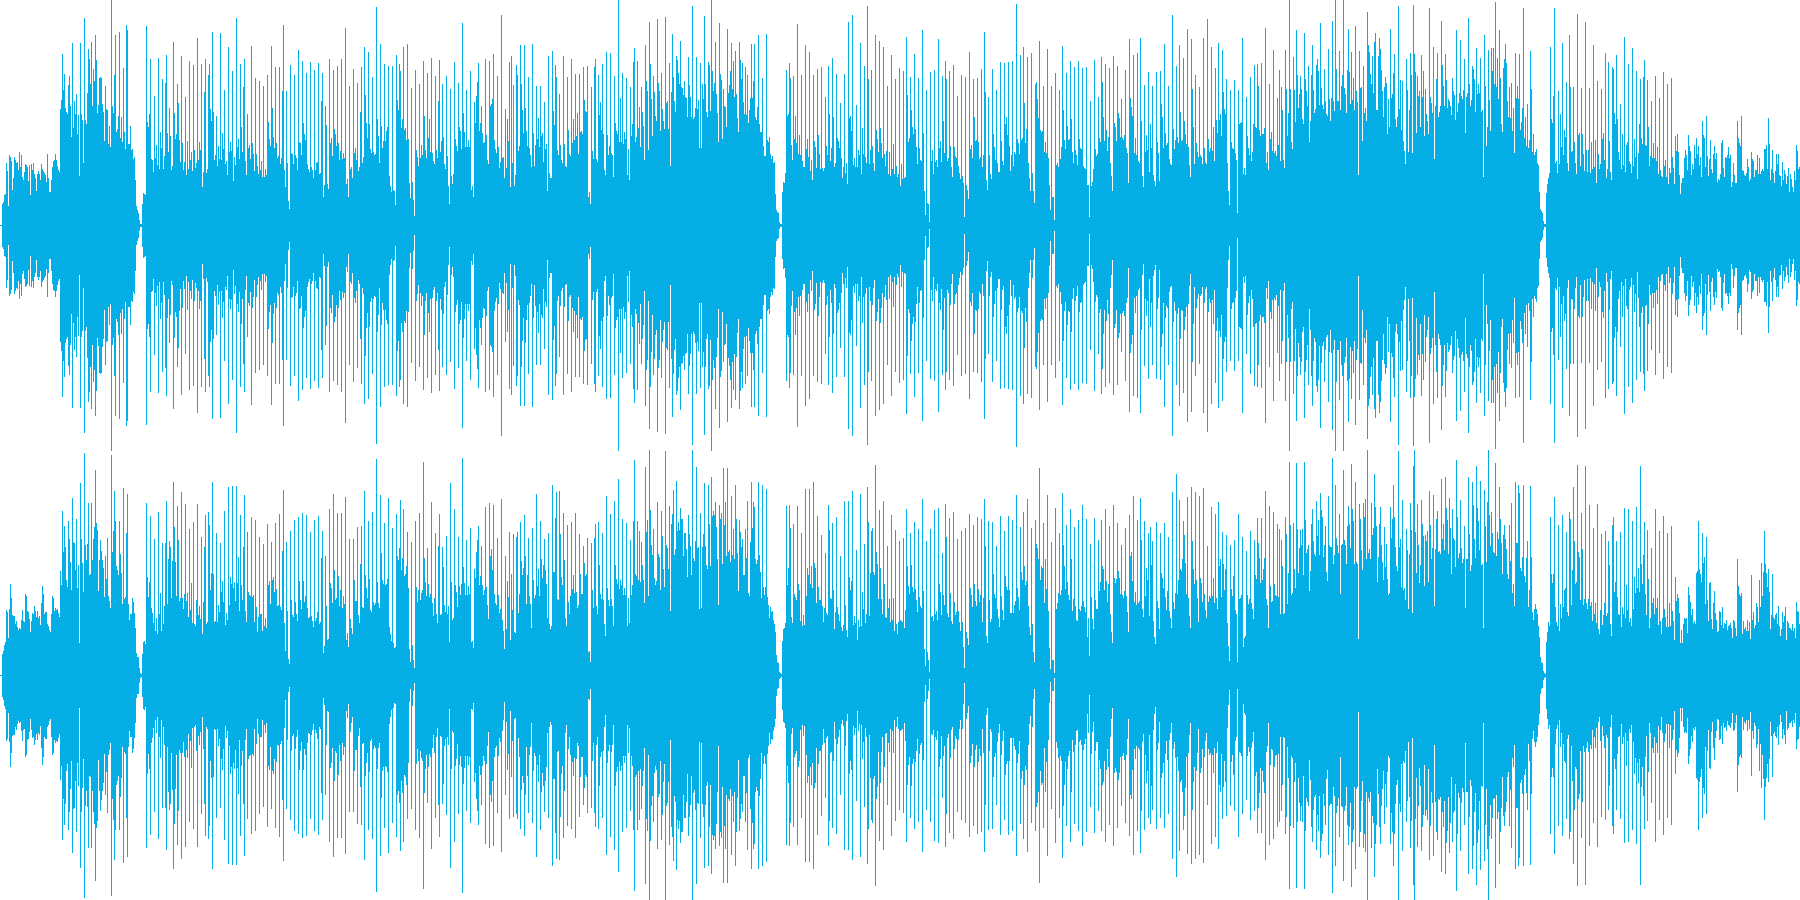 さわやかな曲 ポップス調の再生済みの波形